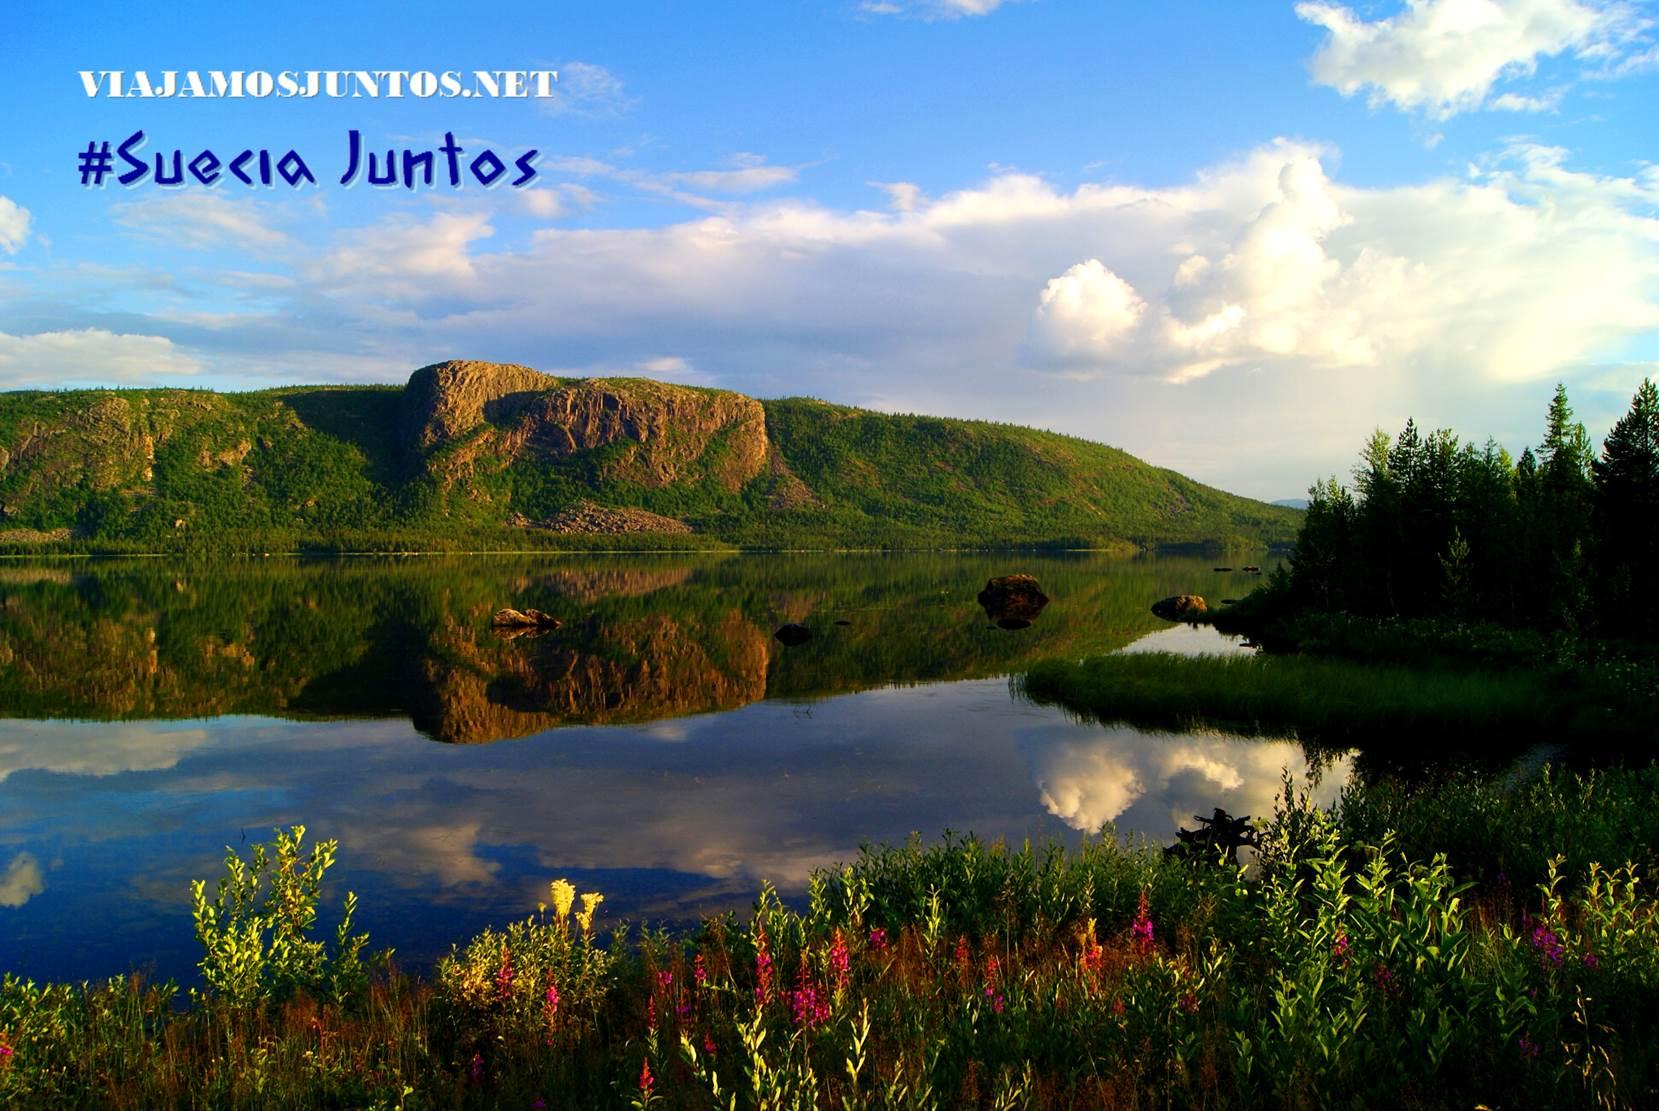 Suecia, naturaleza, viajar por libre, vistas, paisajes, Laponia Sueca, inspiración, información práctica, tips, consejos, viajar por libre, alojamiento, diario, viajar en coche, Kvikkjokk, sami, rutas, senderismo